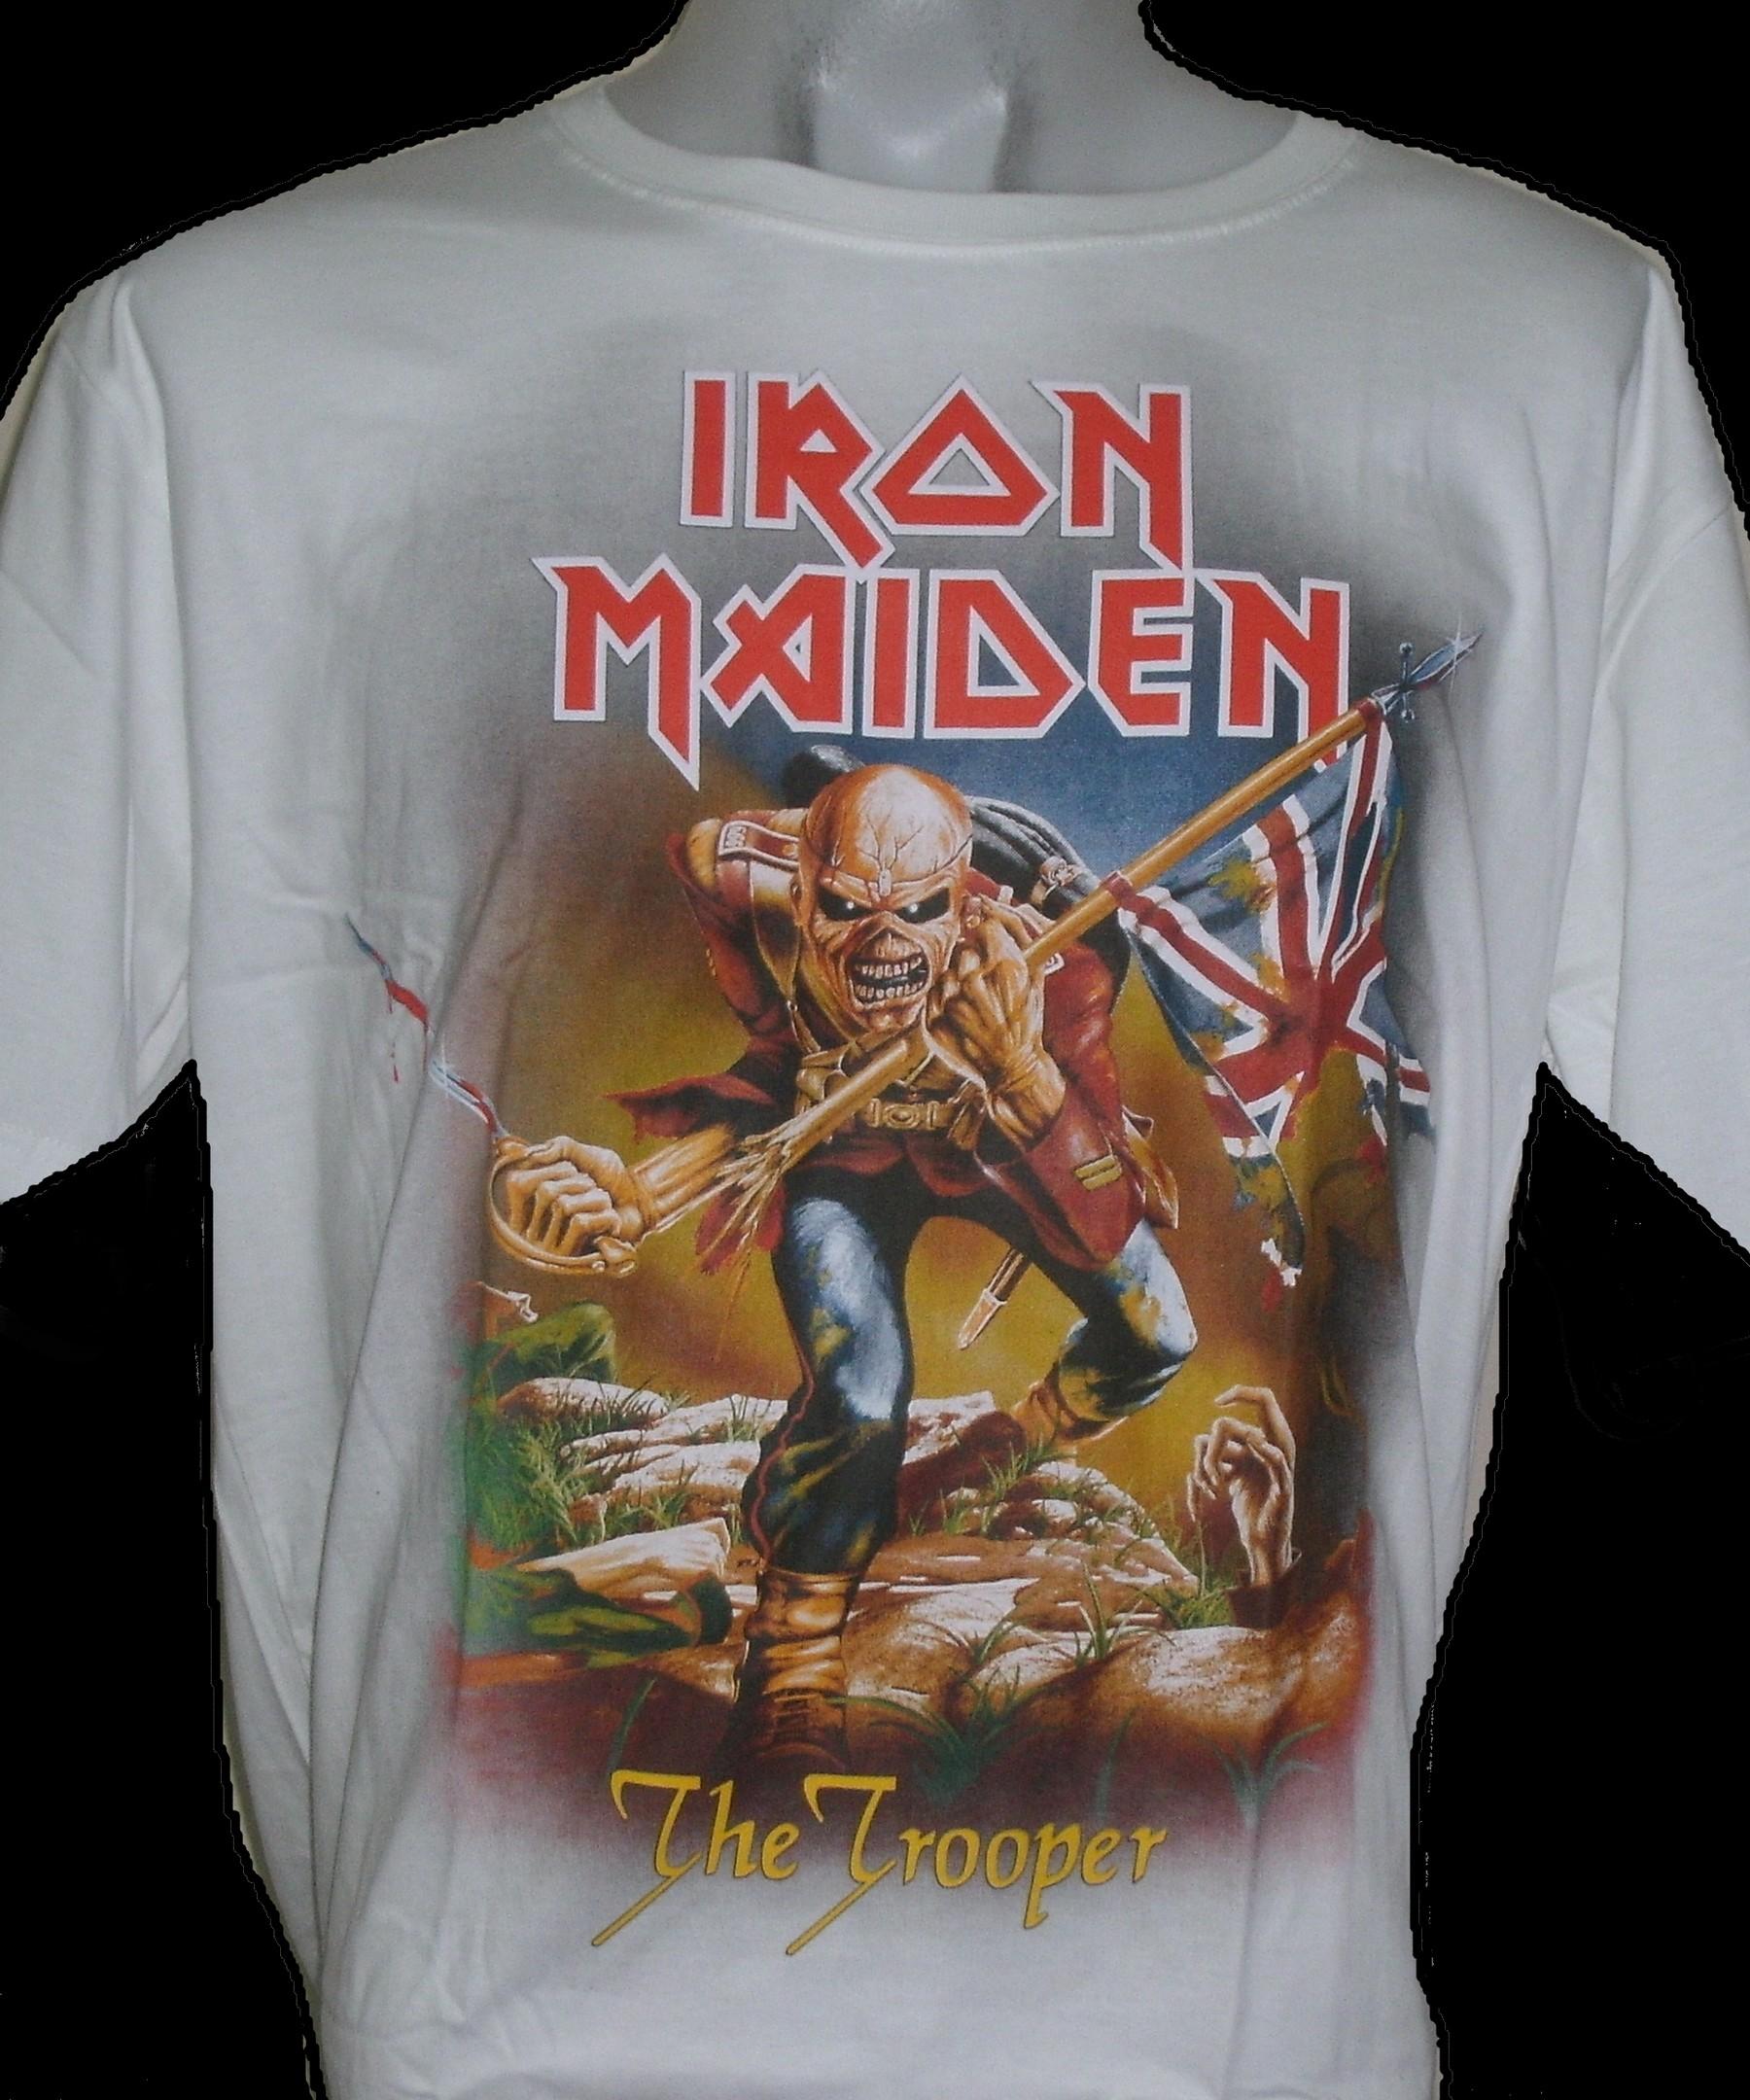 f43cf41b Iron Maiden t-shirt The Trooper size L – RoxxBKK